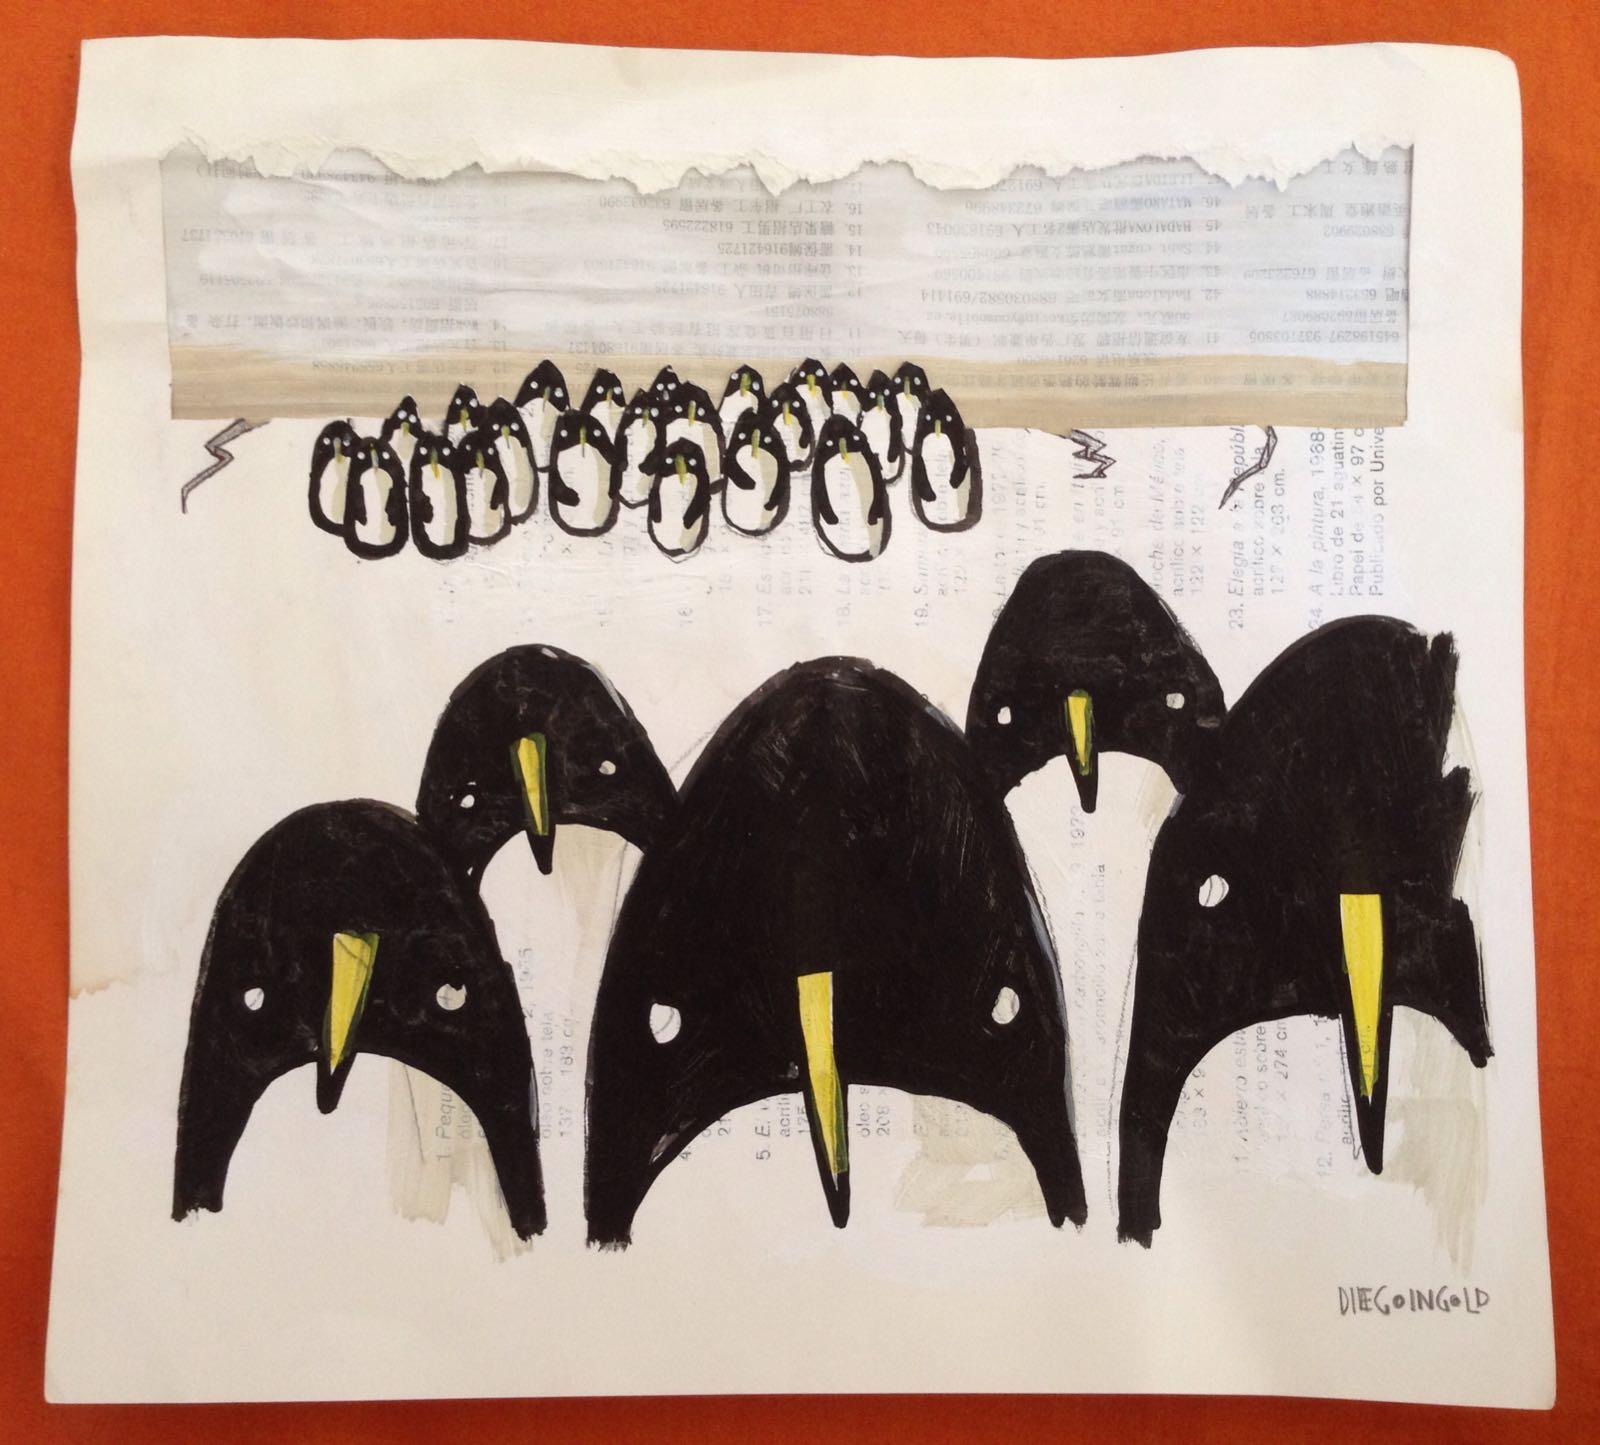 Ilustración Diego Ingold